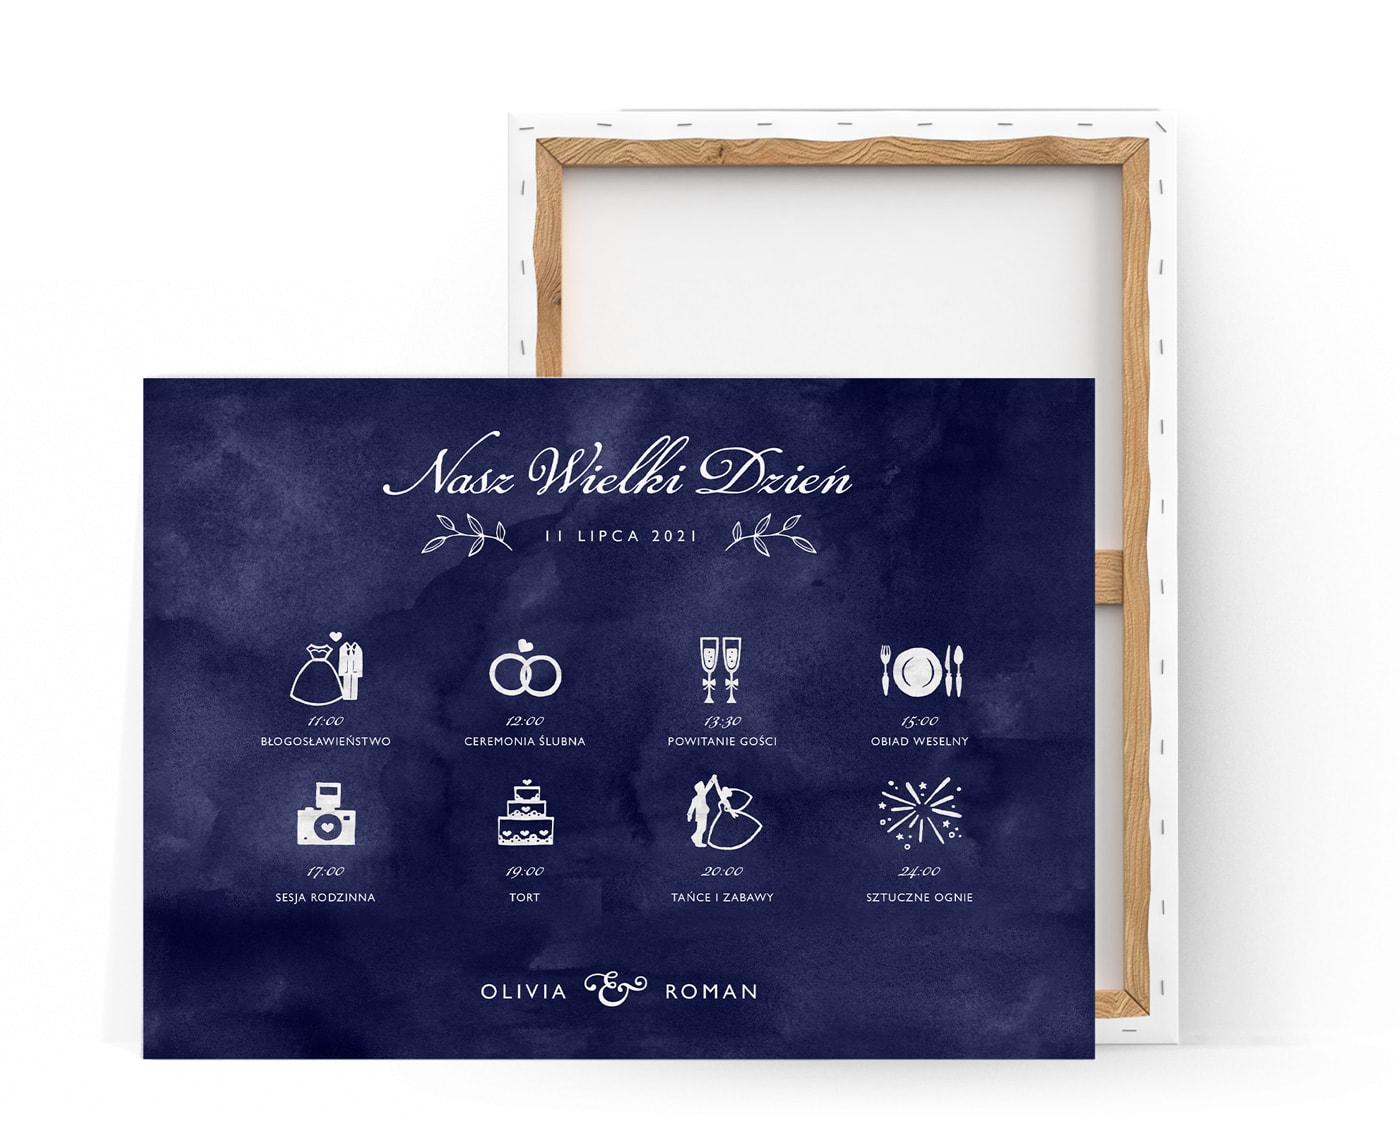 Plan ceremonii ślubnej z rysunkami i opisem w stylu klasycznym